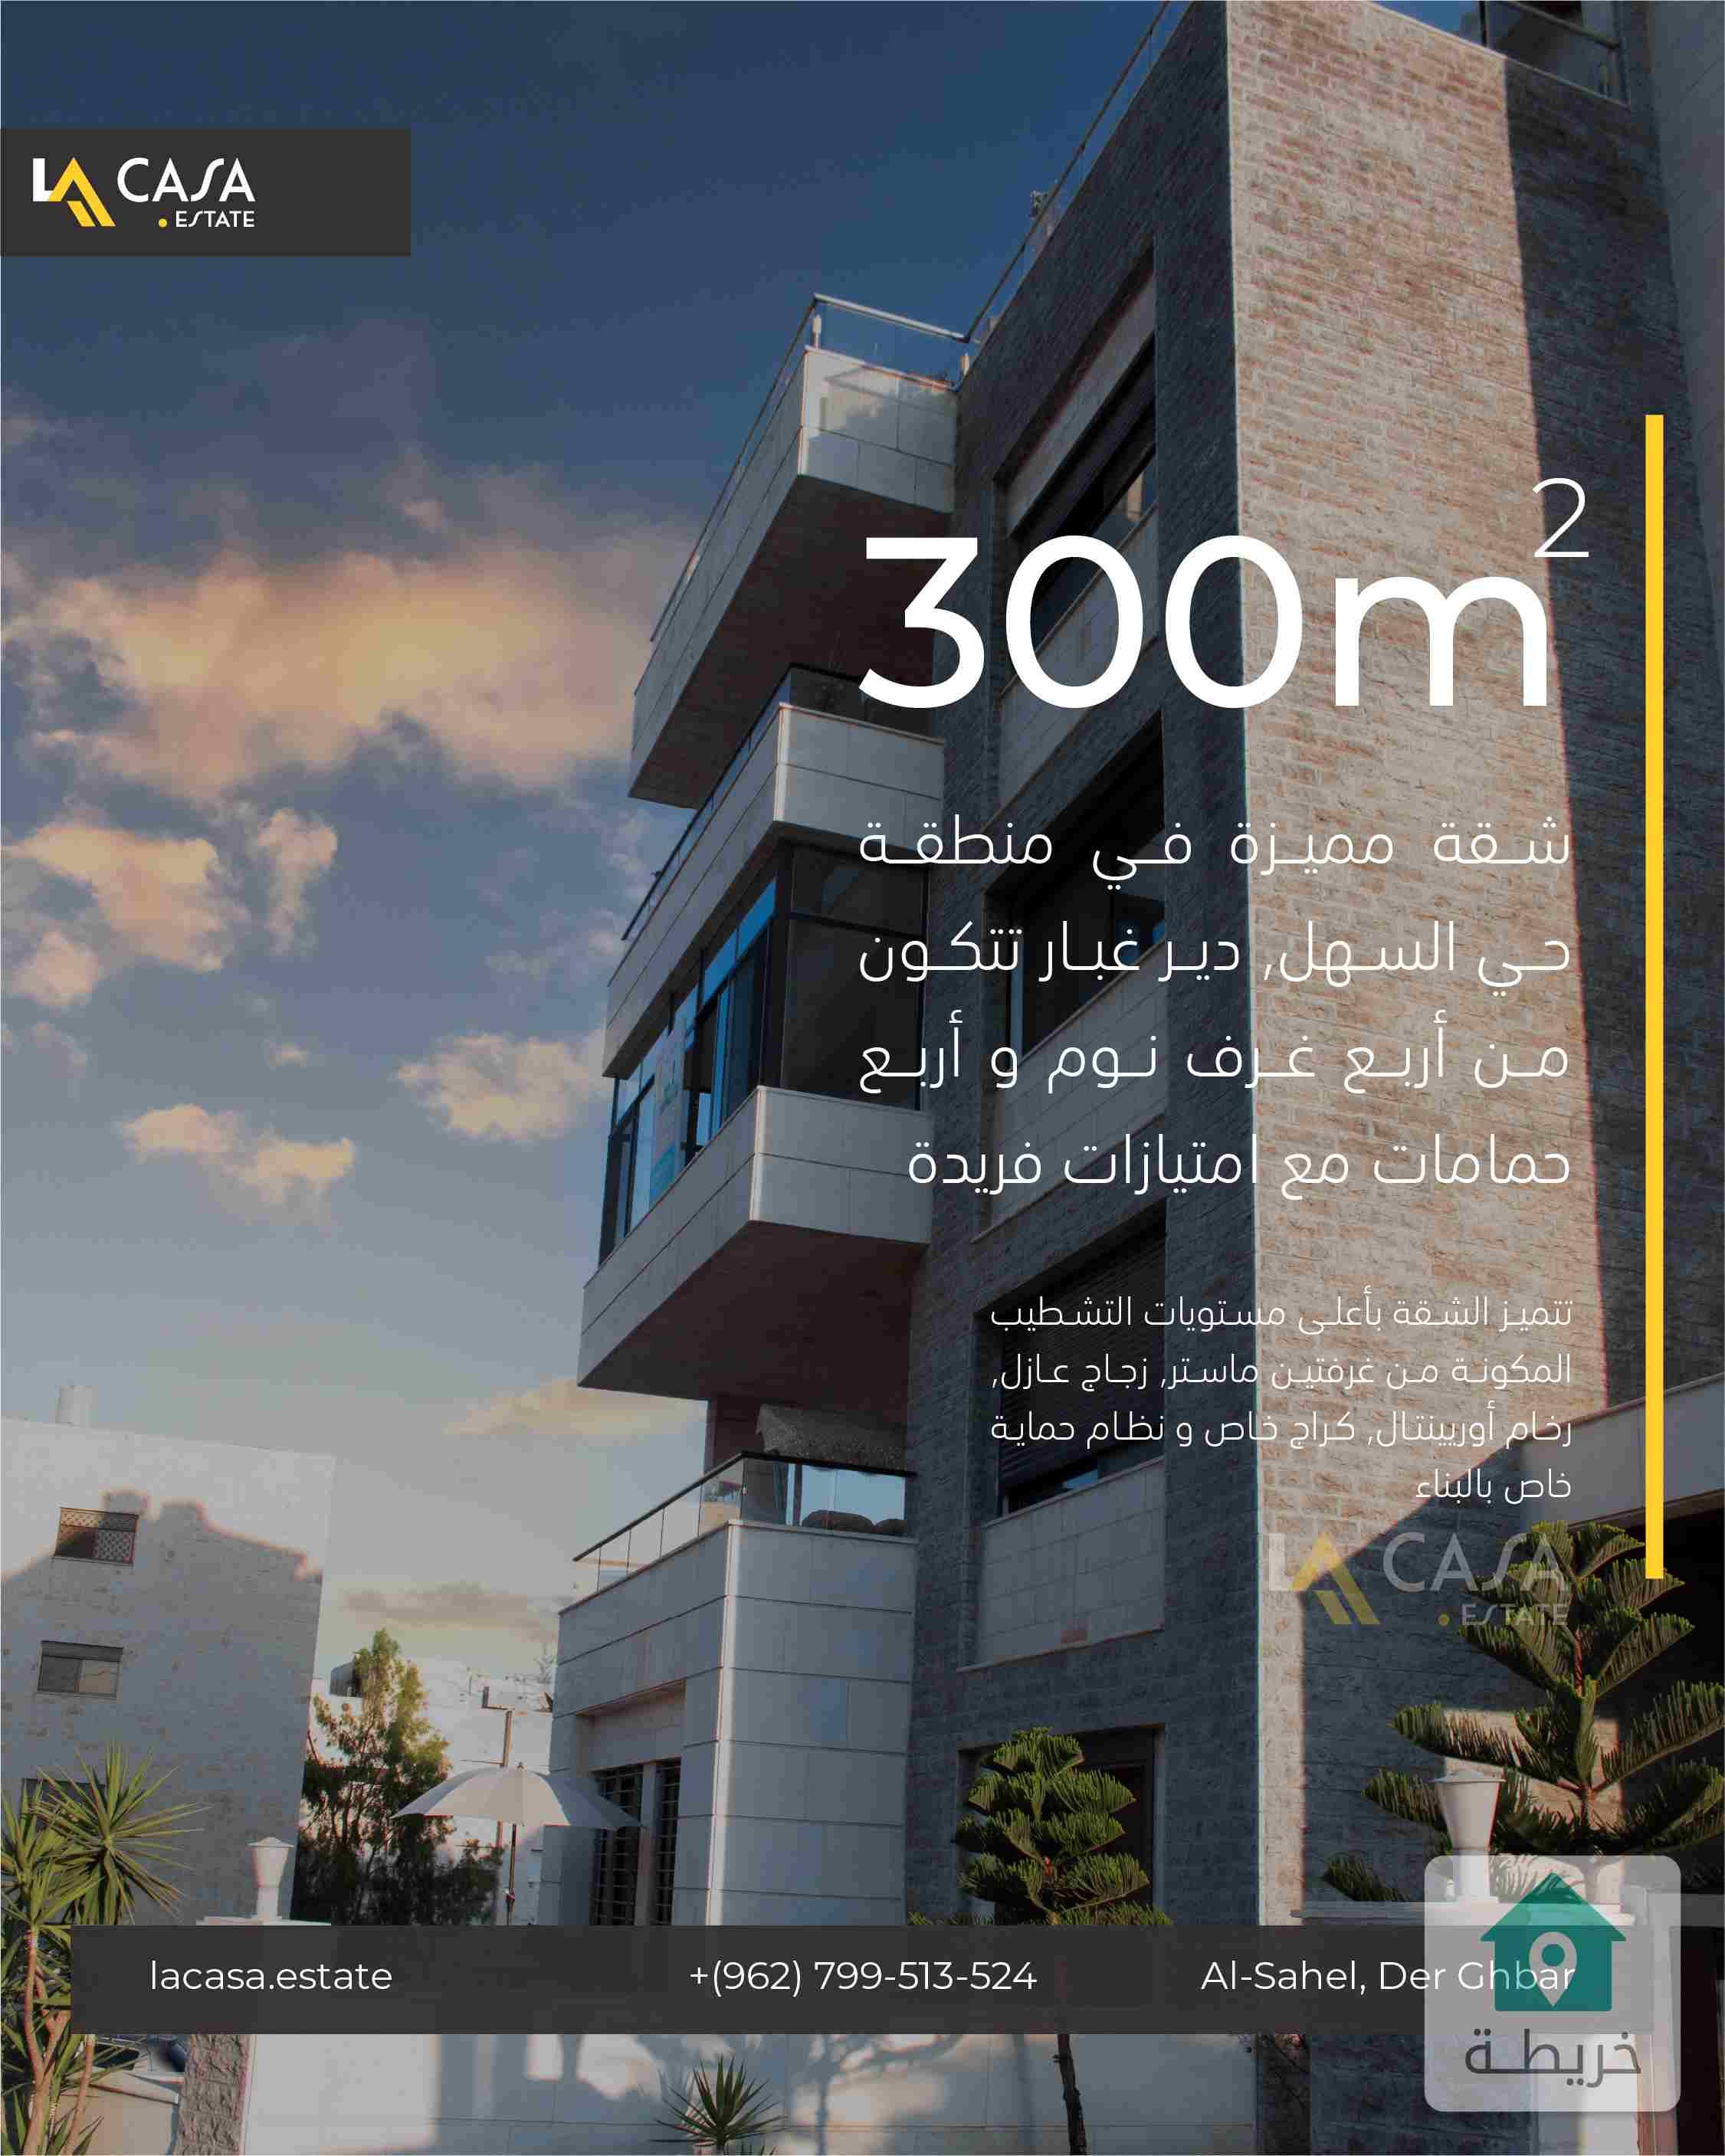 شقة طابقية ٣٠٠ م٢ في حي السهل في دير غبار